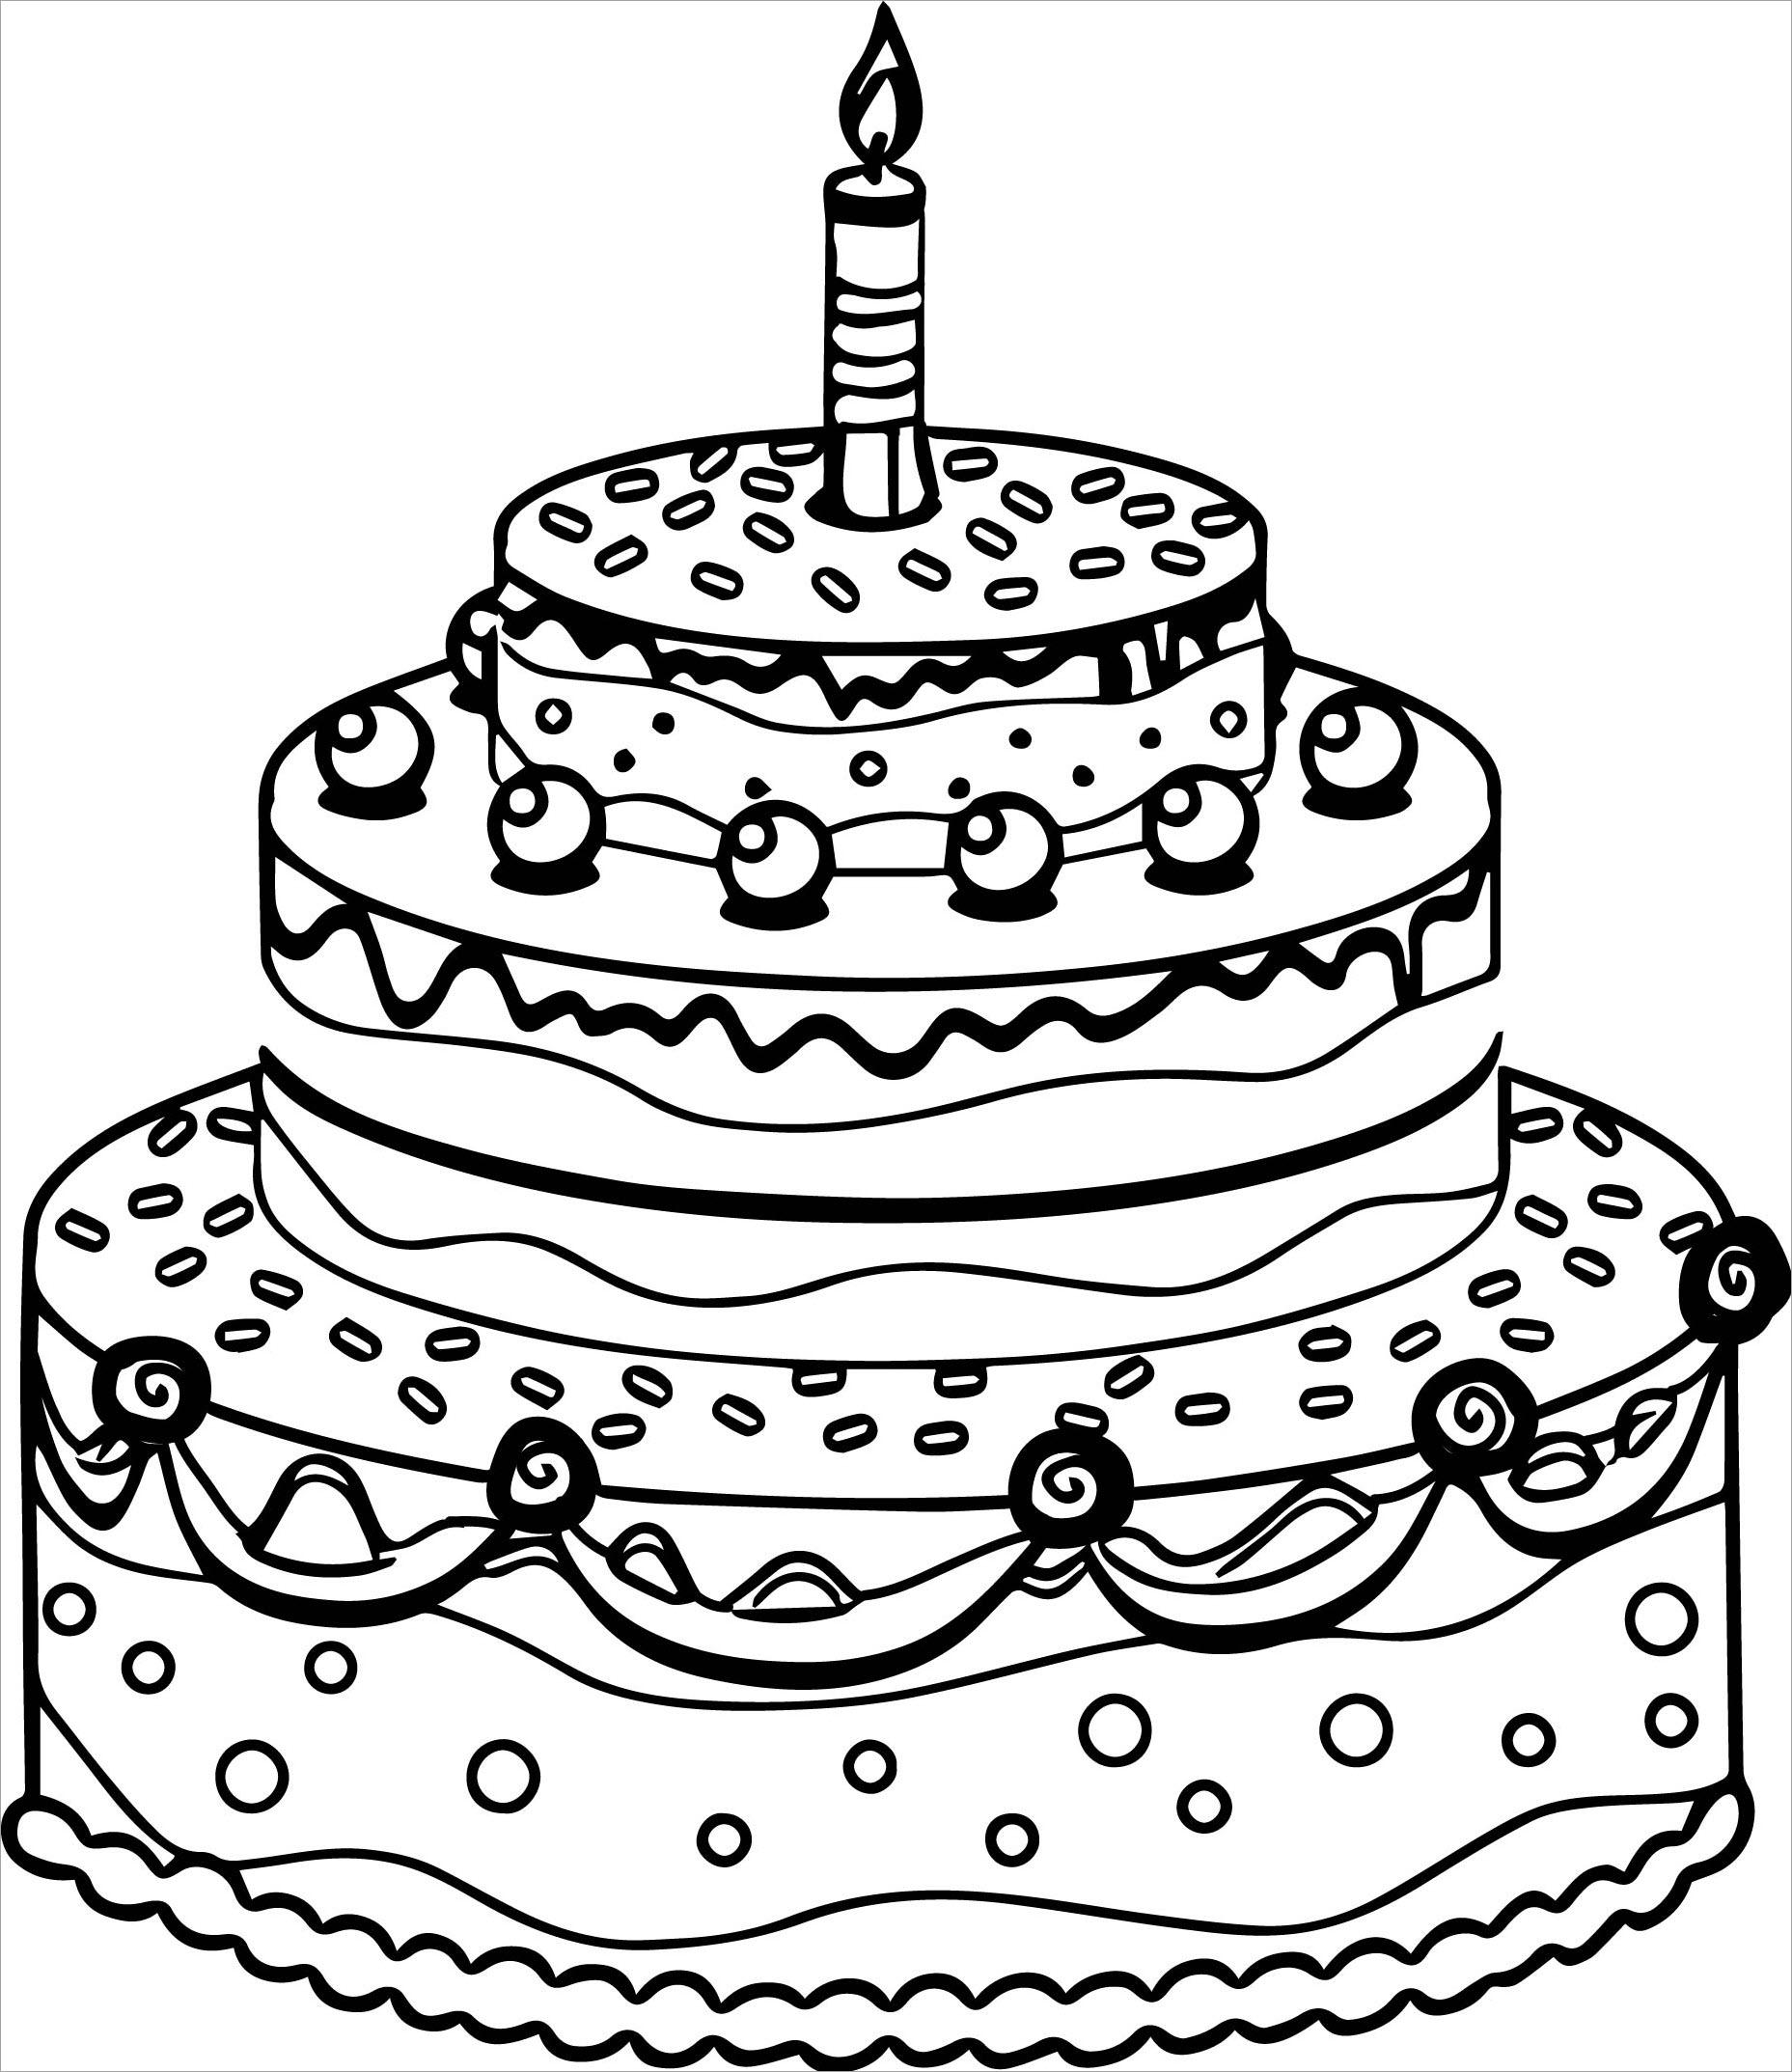 Tranh tô màu bánh sinh nhật đẹp